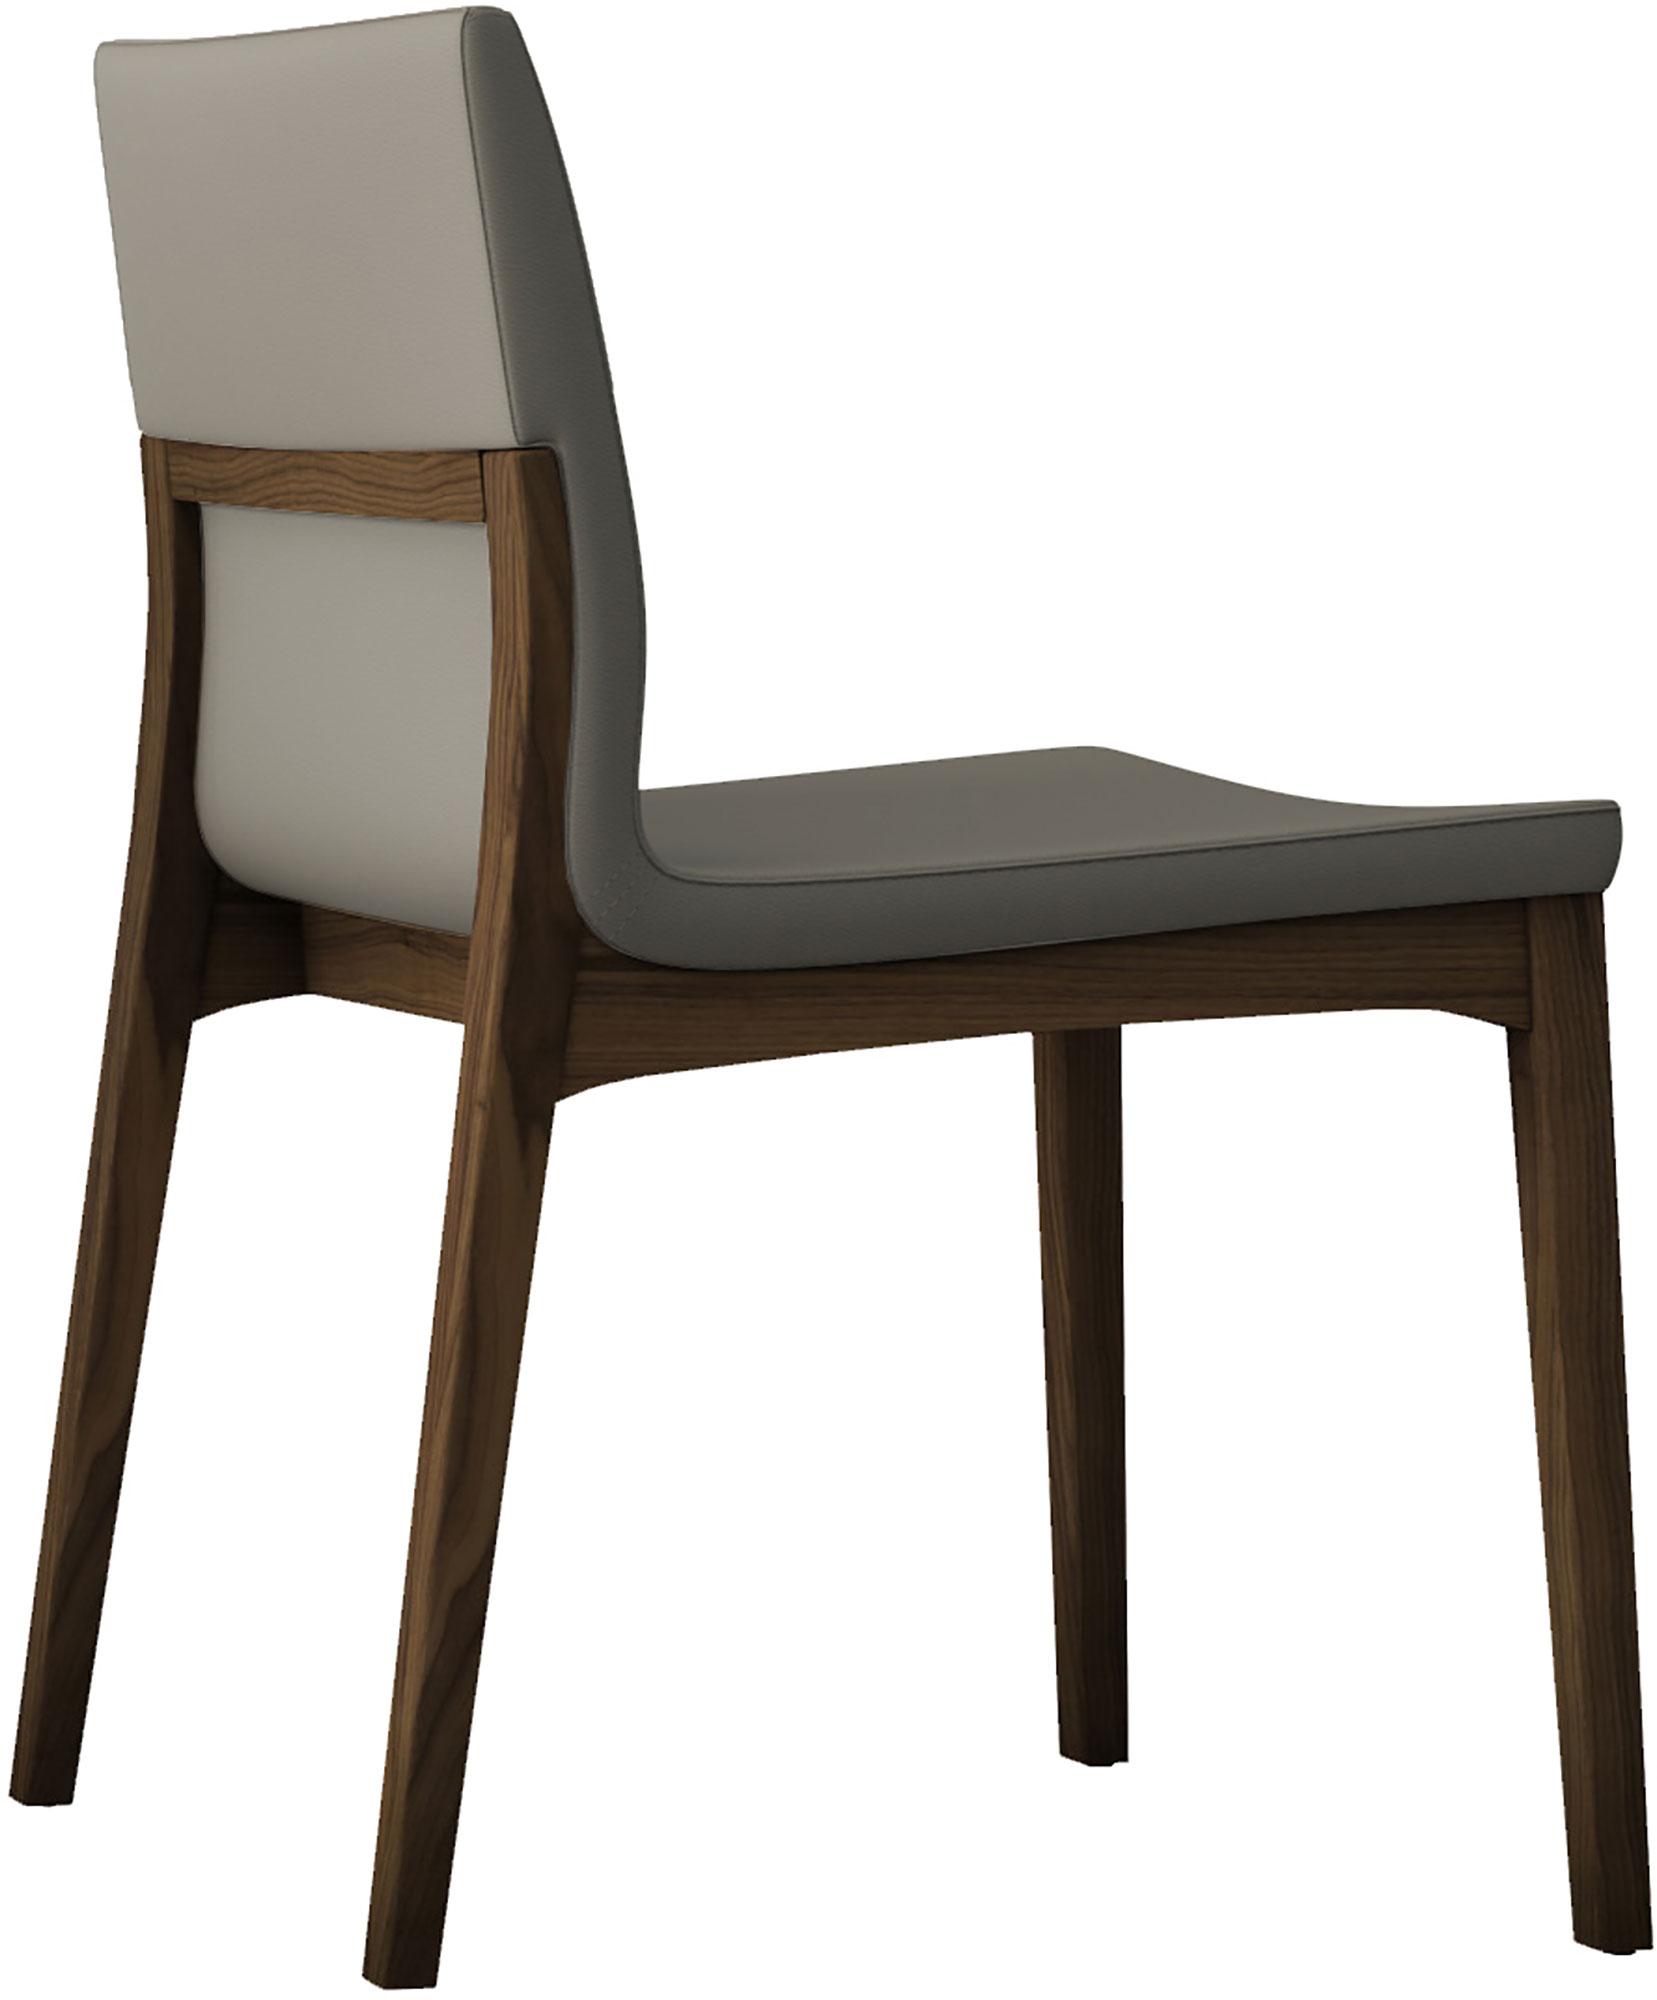 Enna Chair